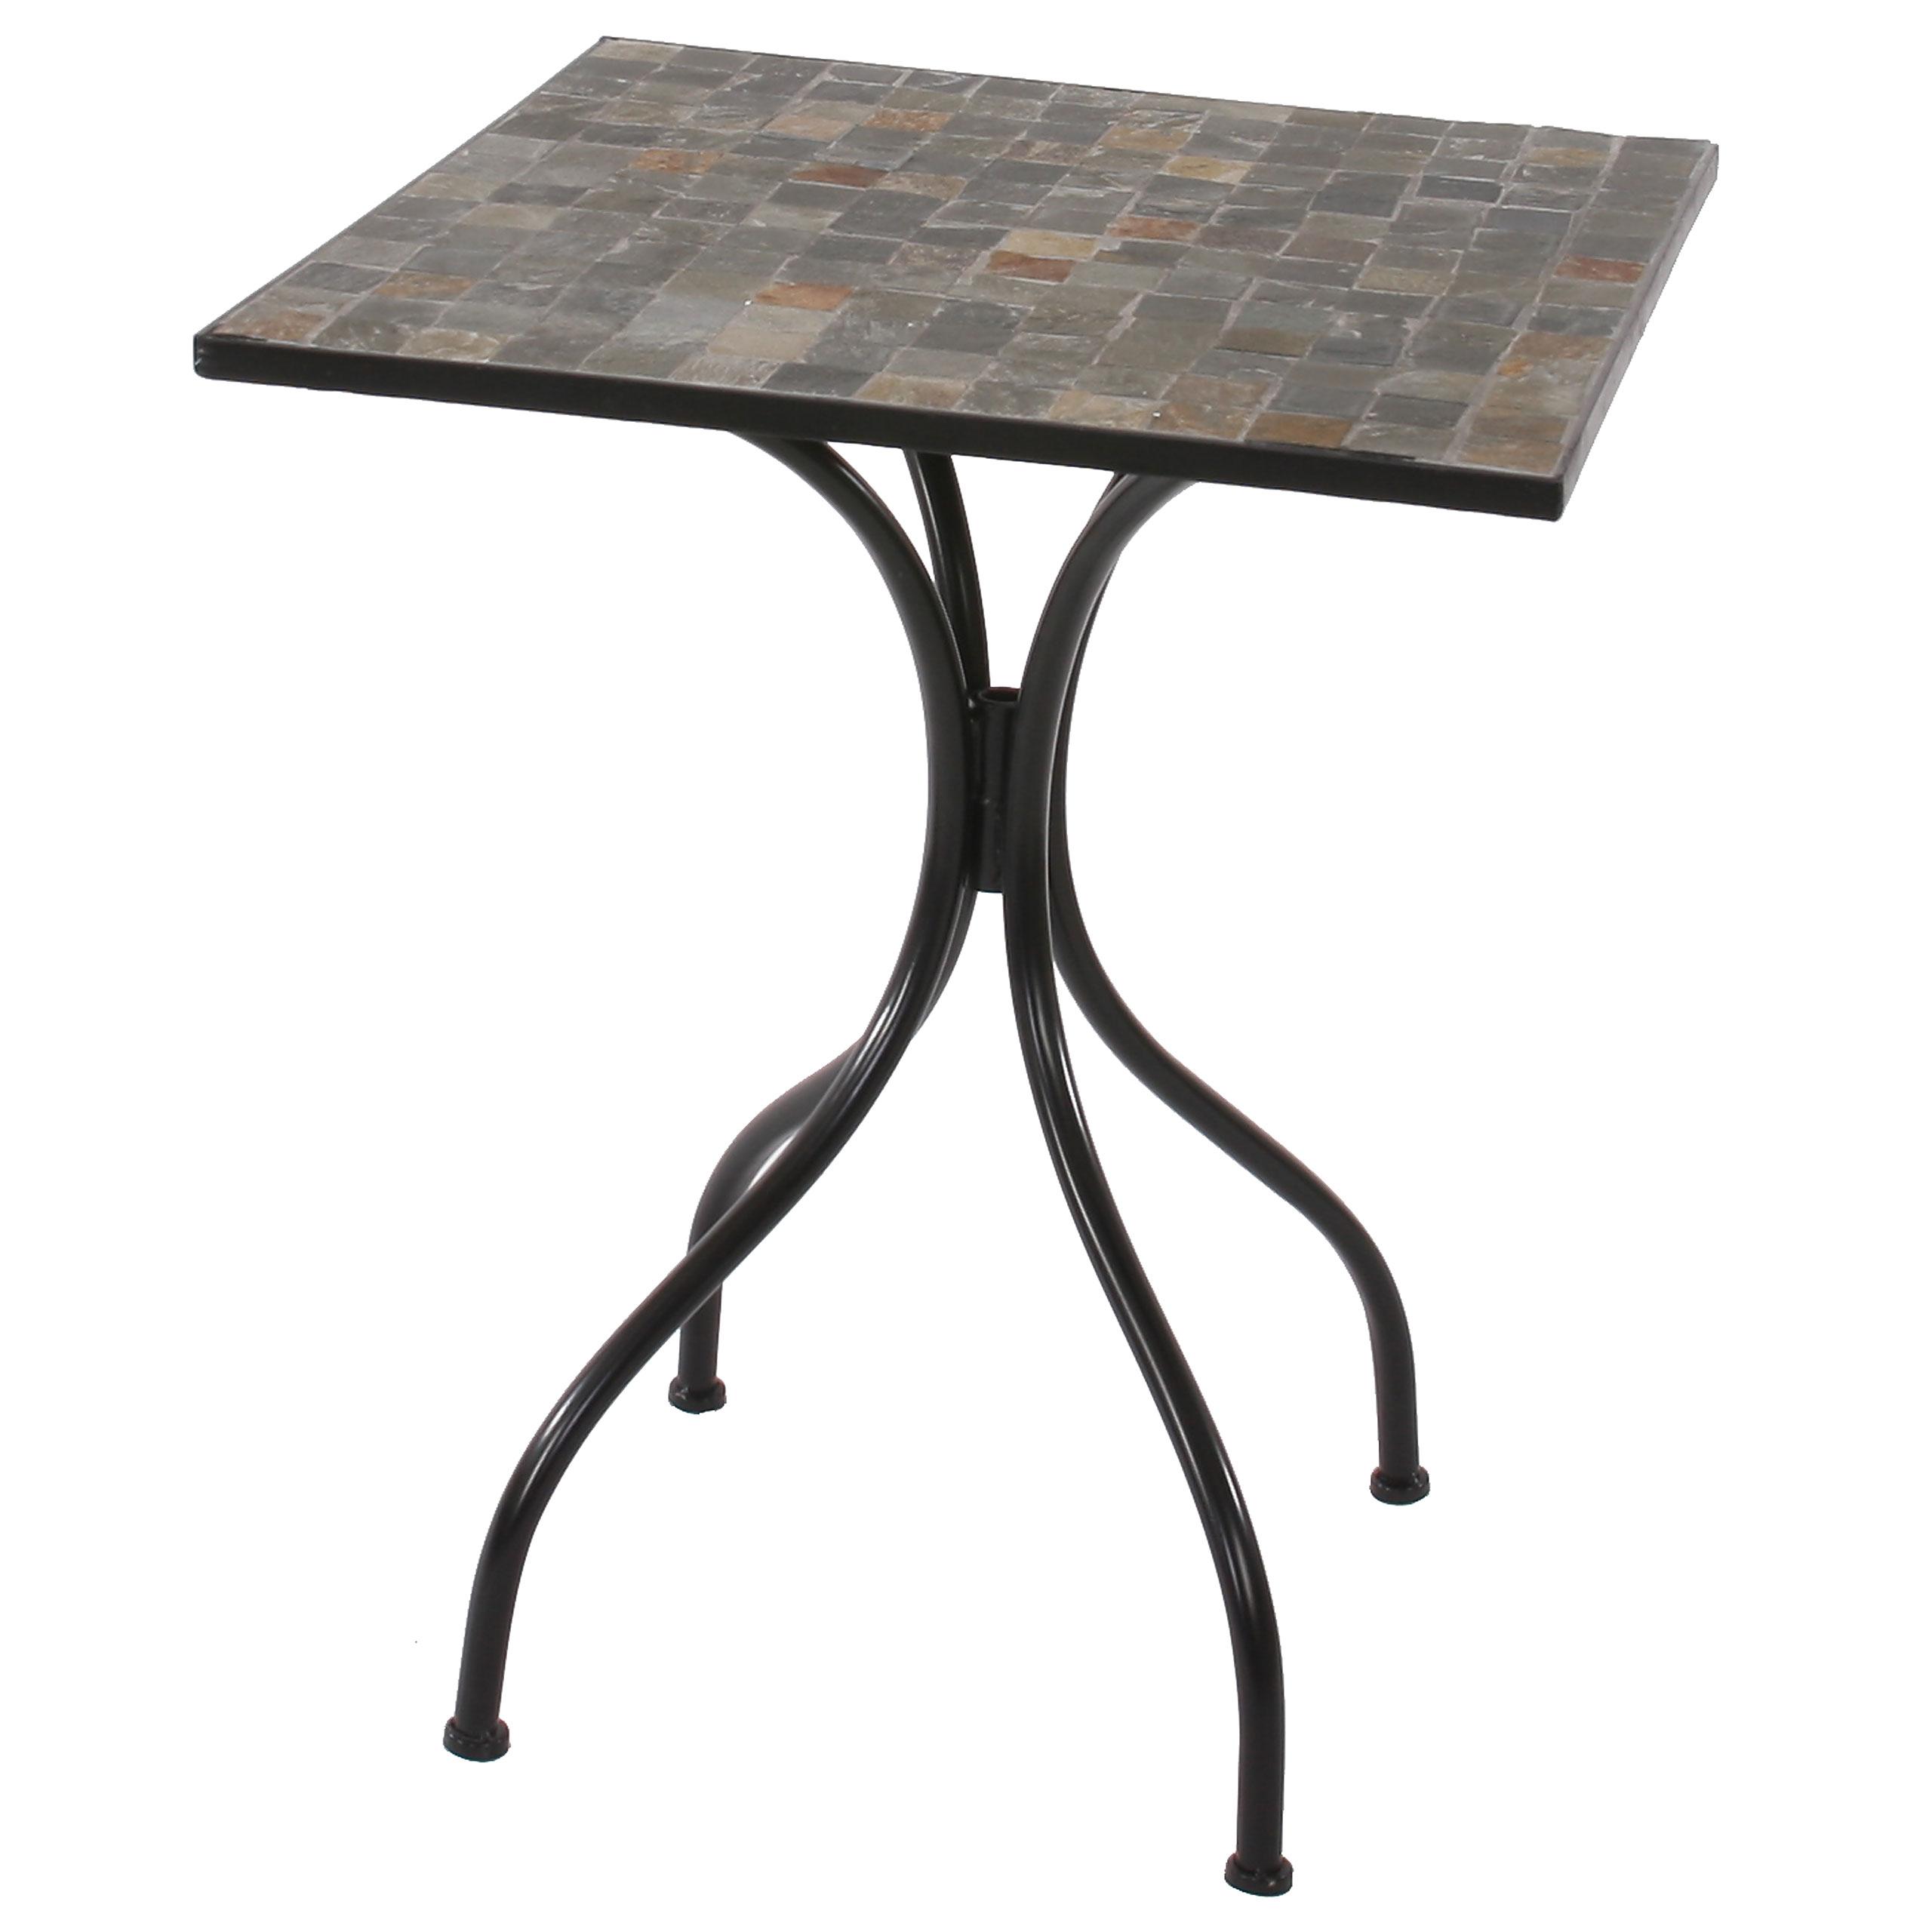 mosaiktisch alessandria h213 gartentisch bistrotisch. Black Bedroom Furniture Sets. Home Design Ideas